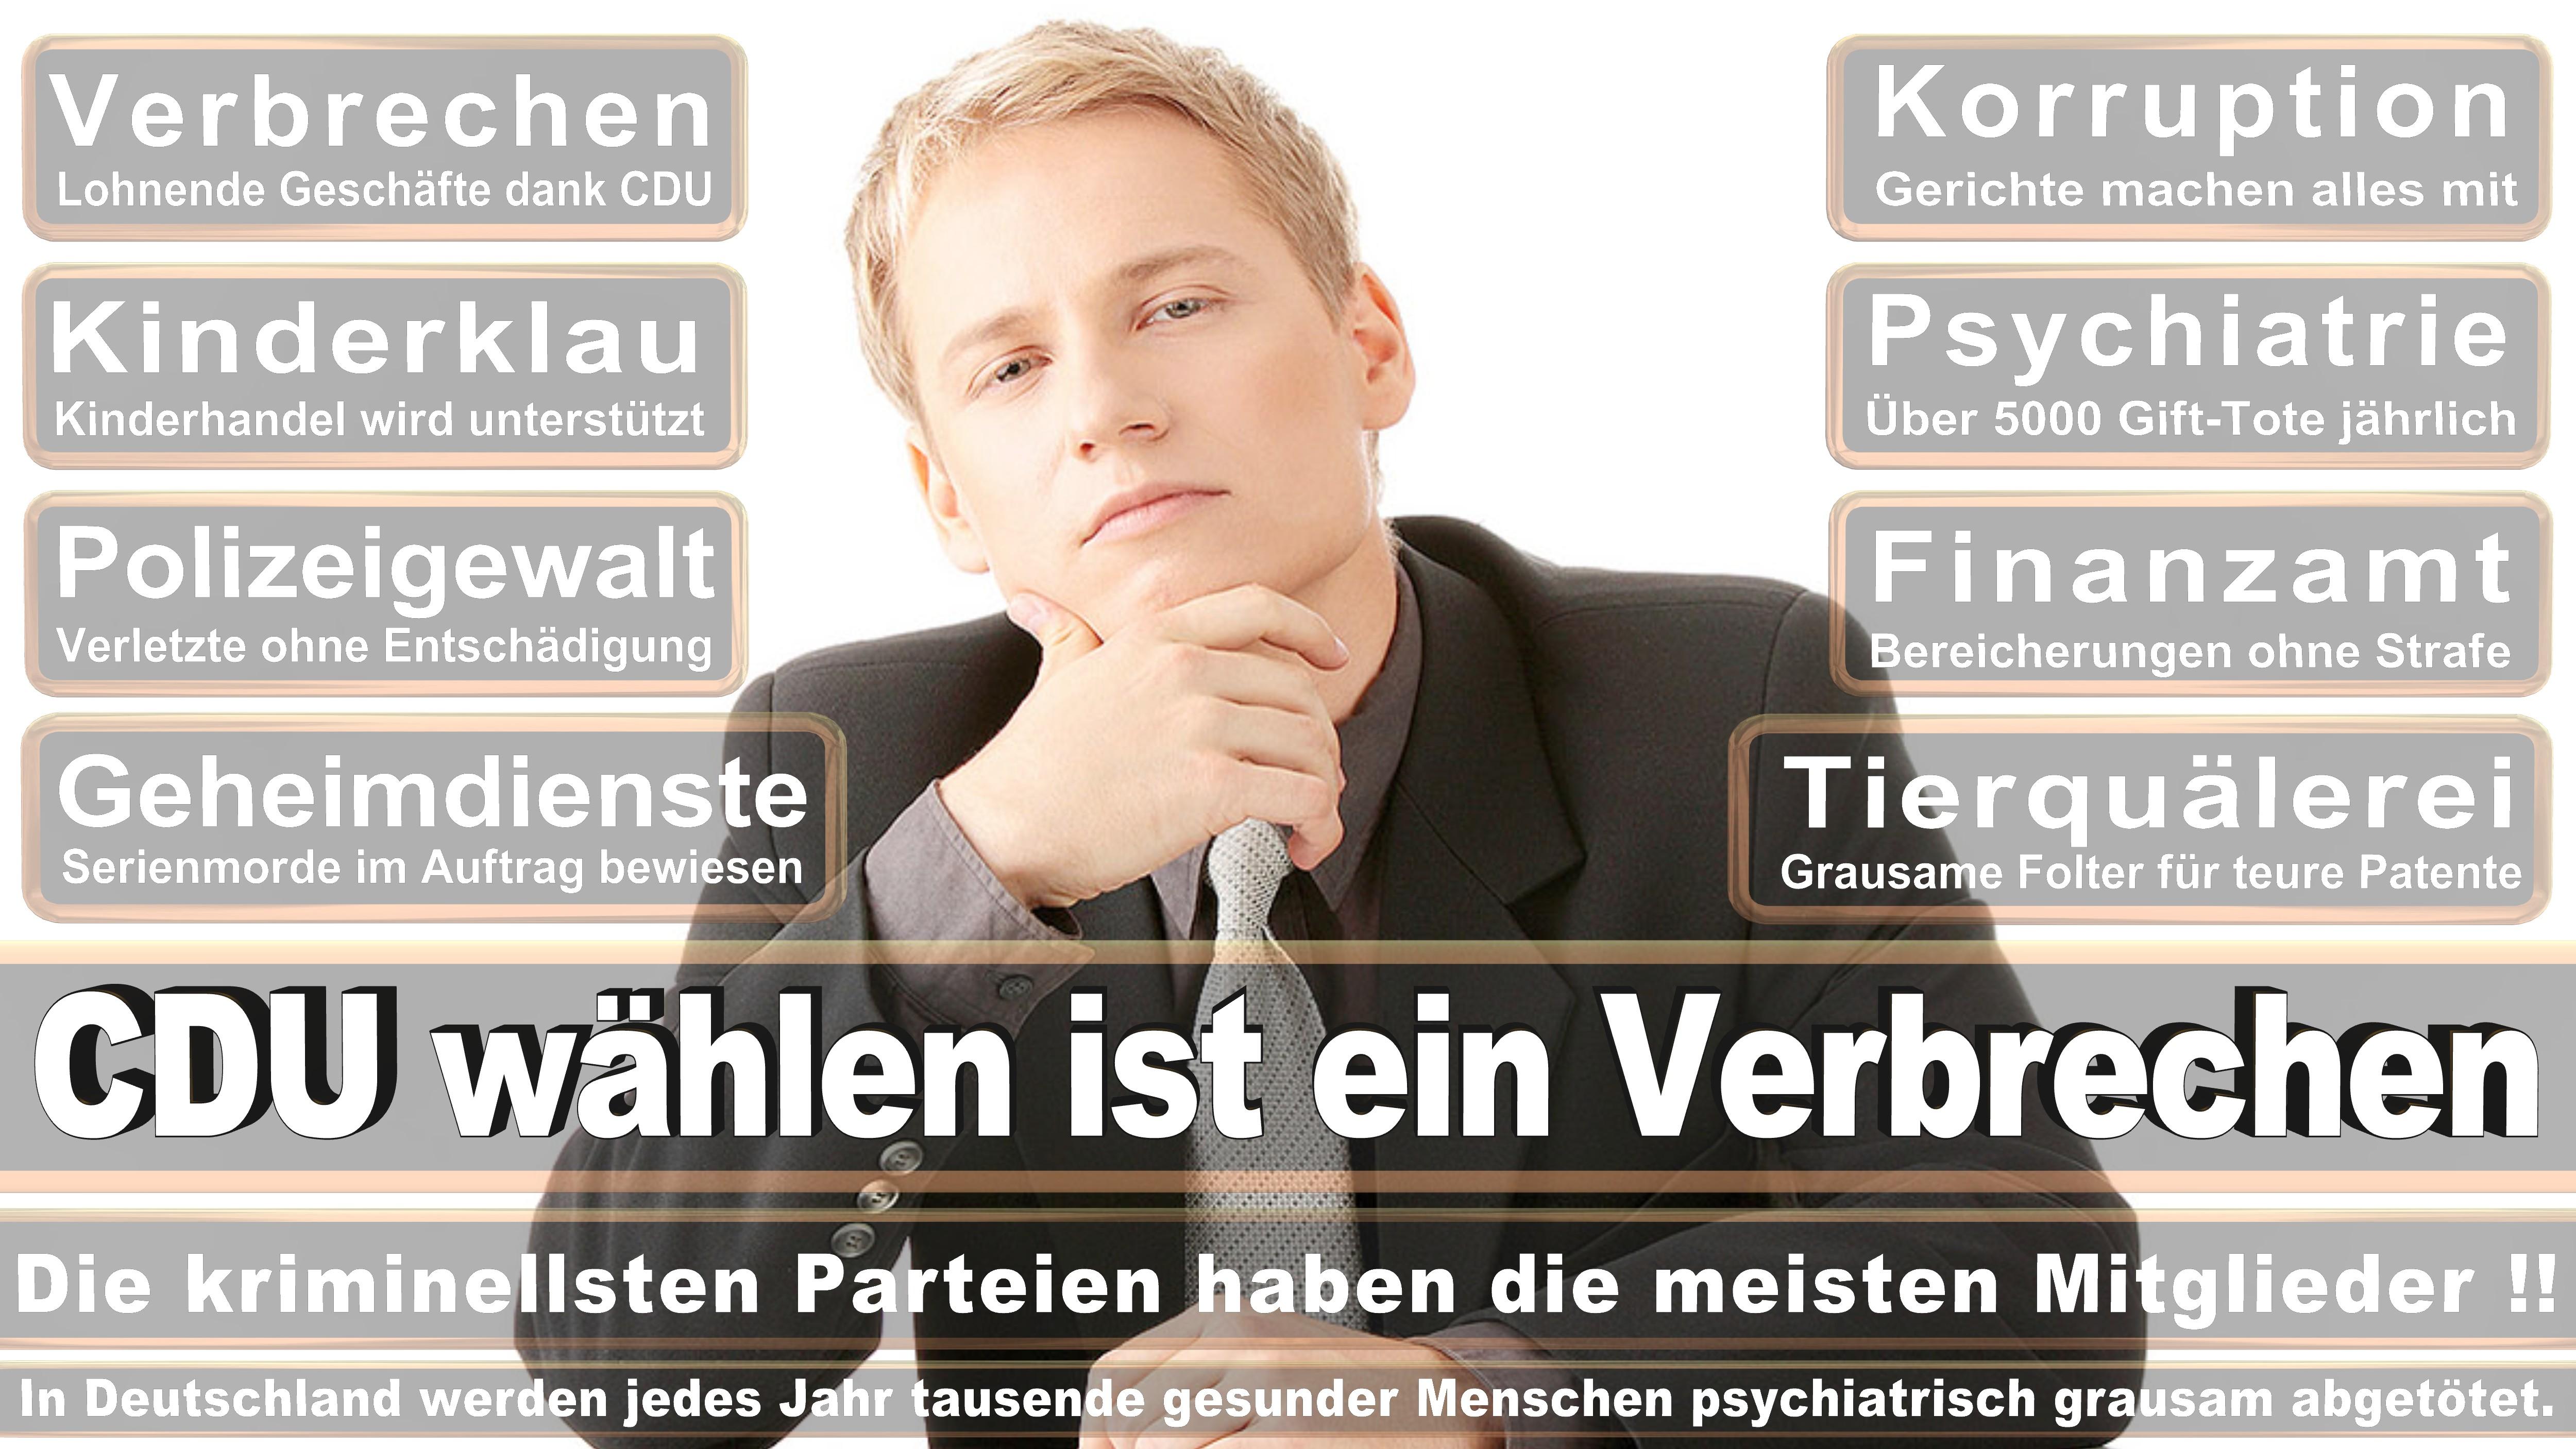 Dietmar Bartsch DIE LINKE Mecklenburg Vorpommern Politiker Deutschland